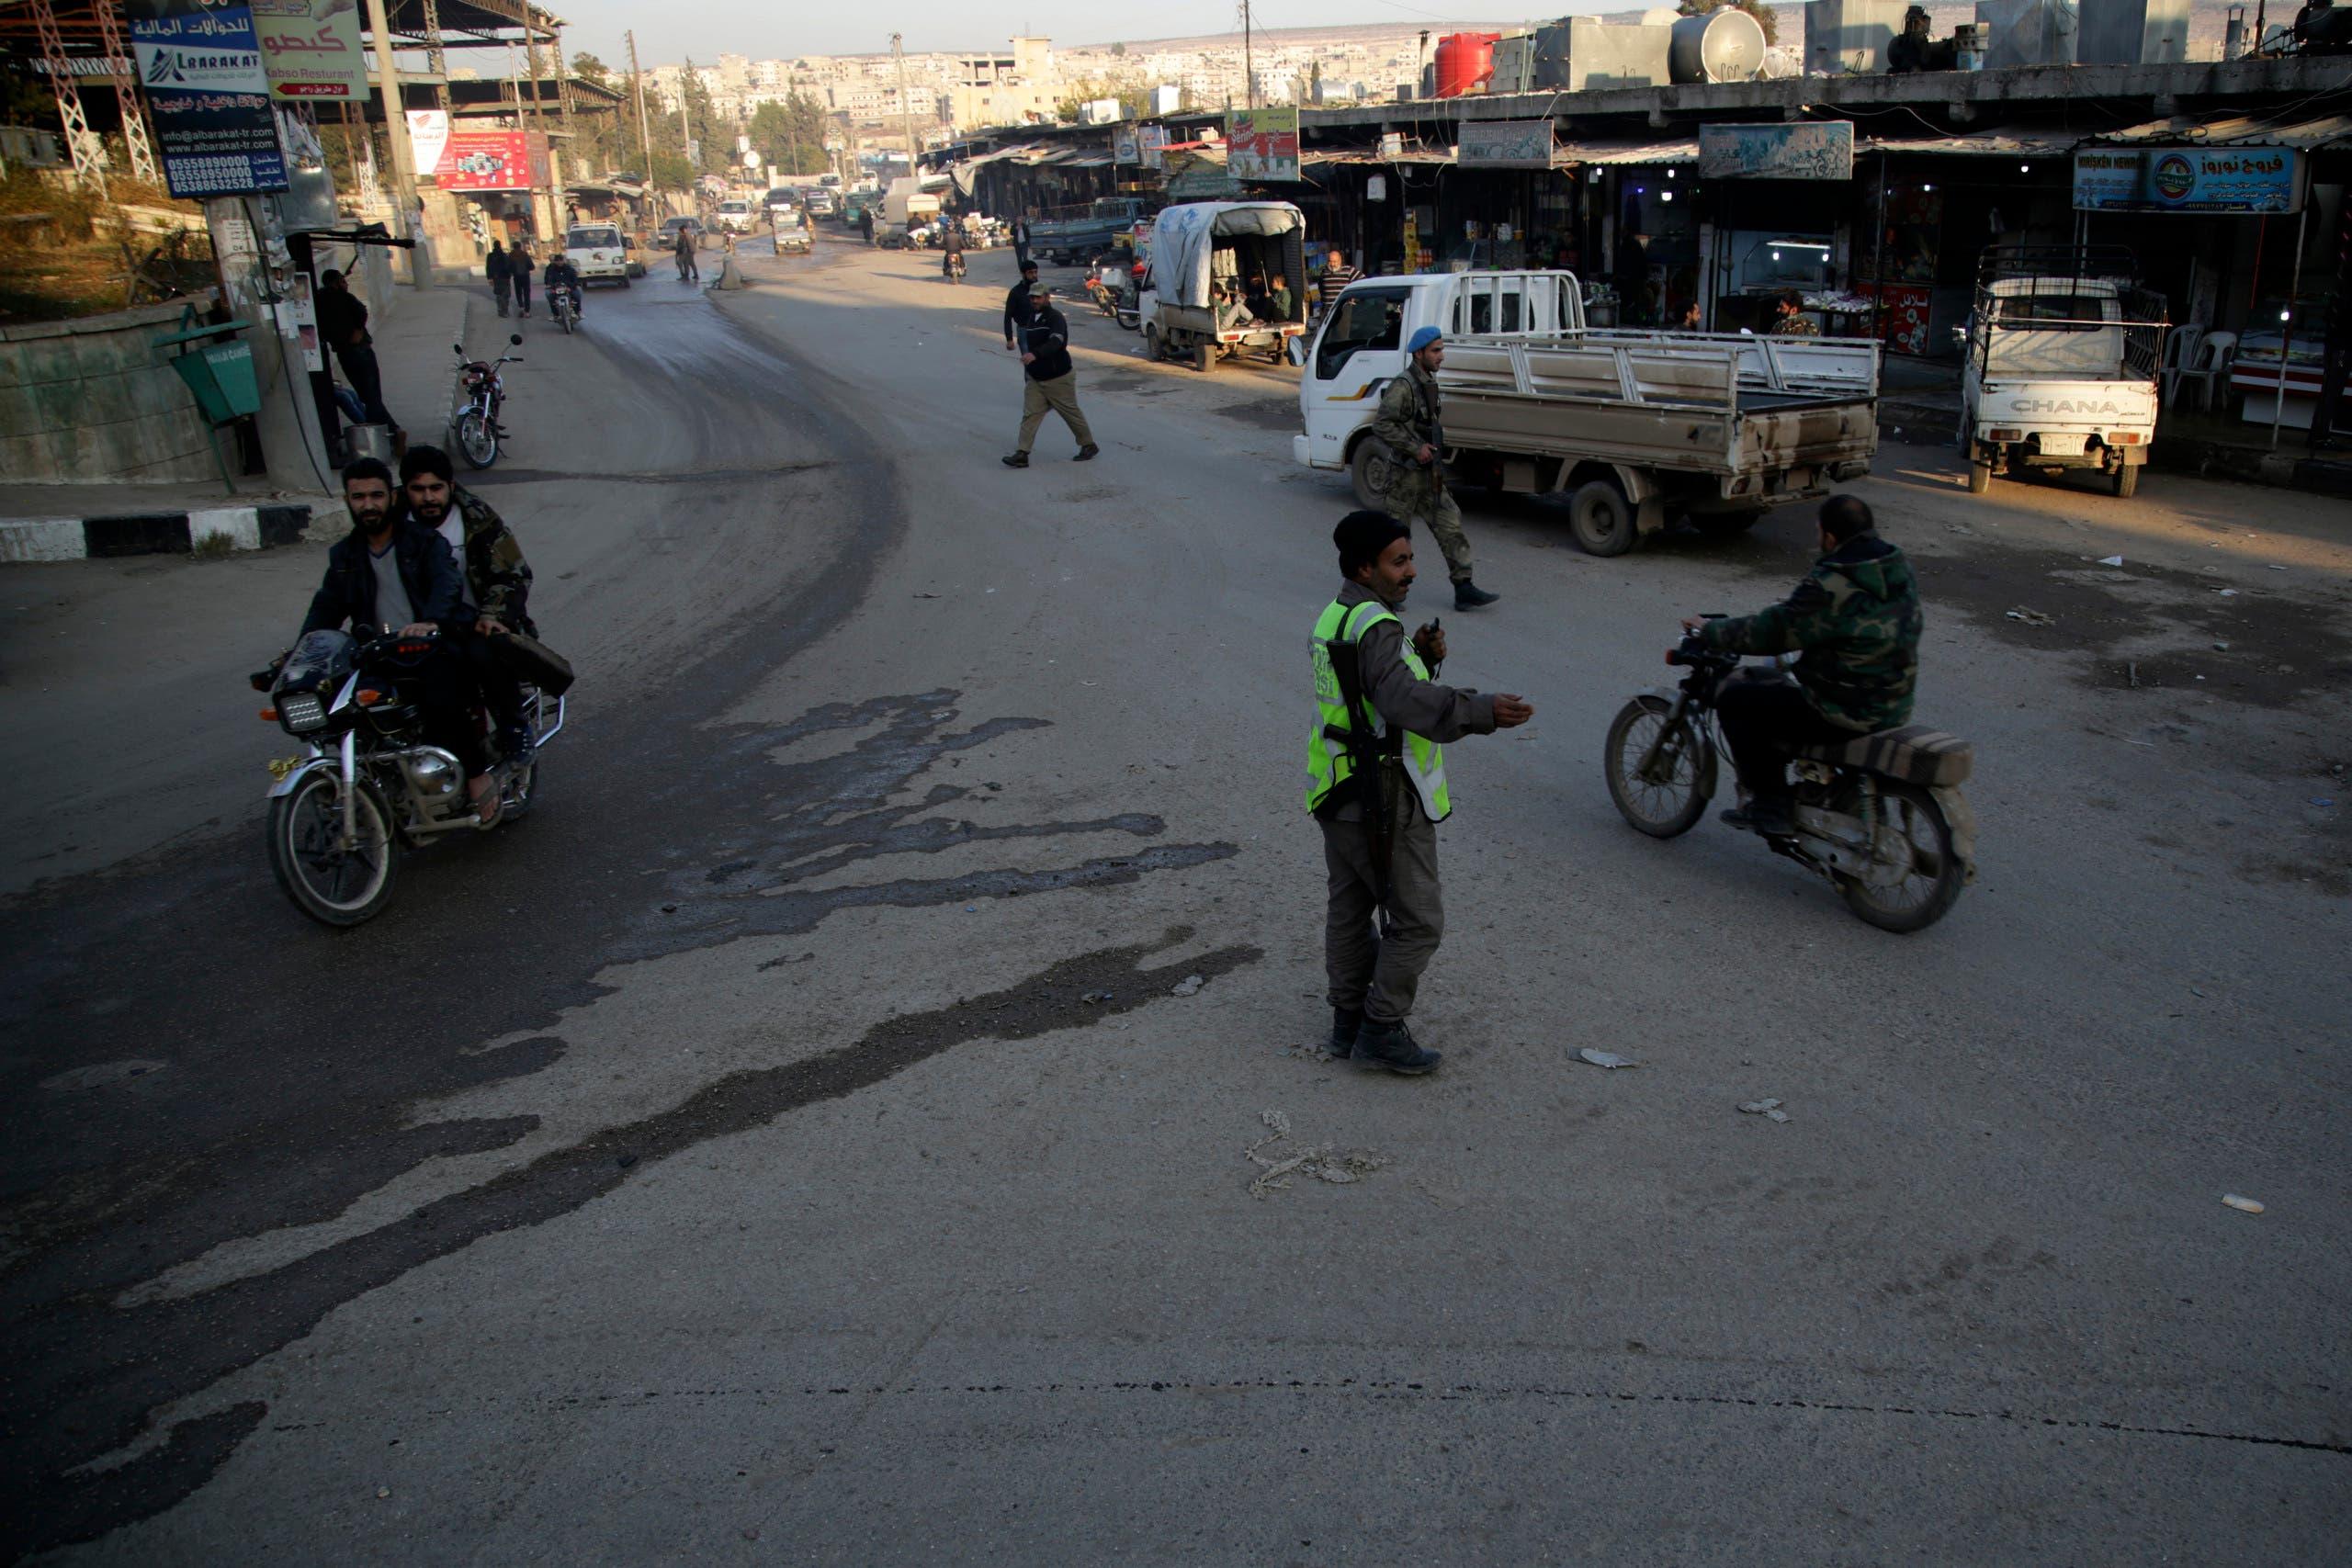 فصائل مسلحة مدعومة من أنقرة في عفرين (فرانس برس 19 نوفمبر 2018)